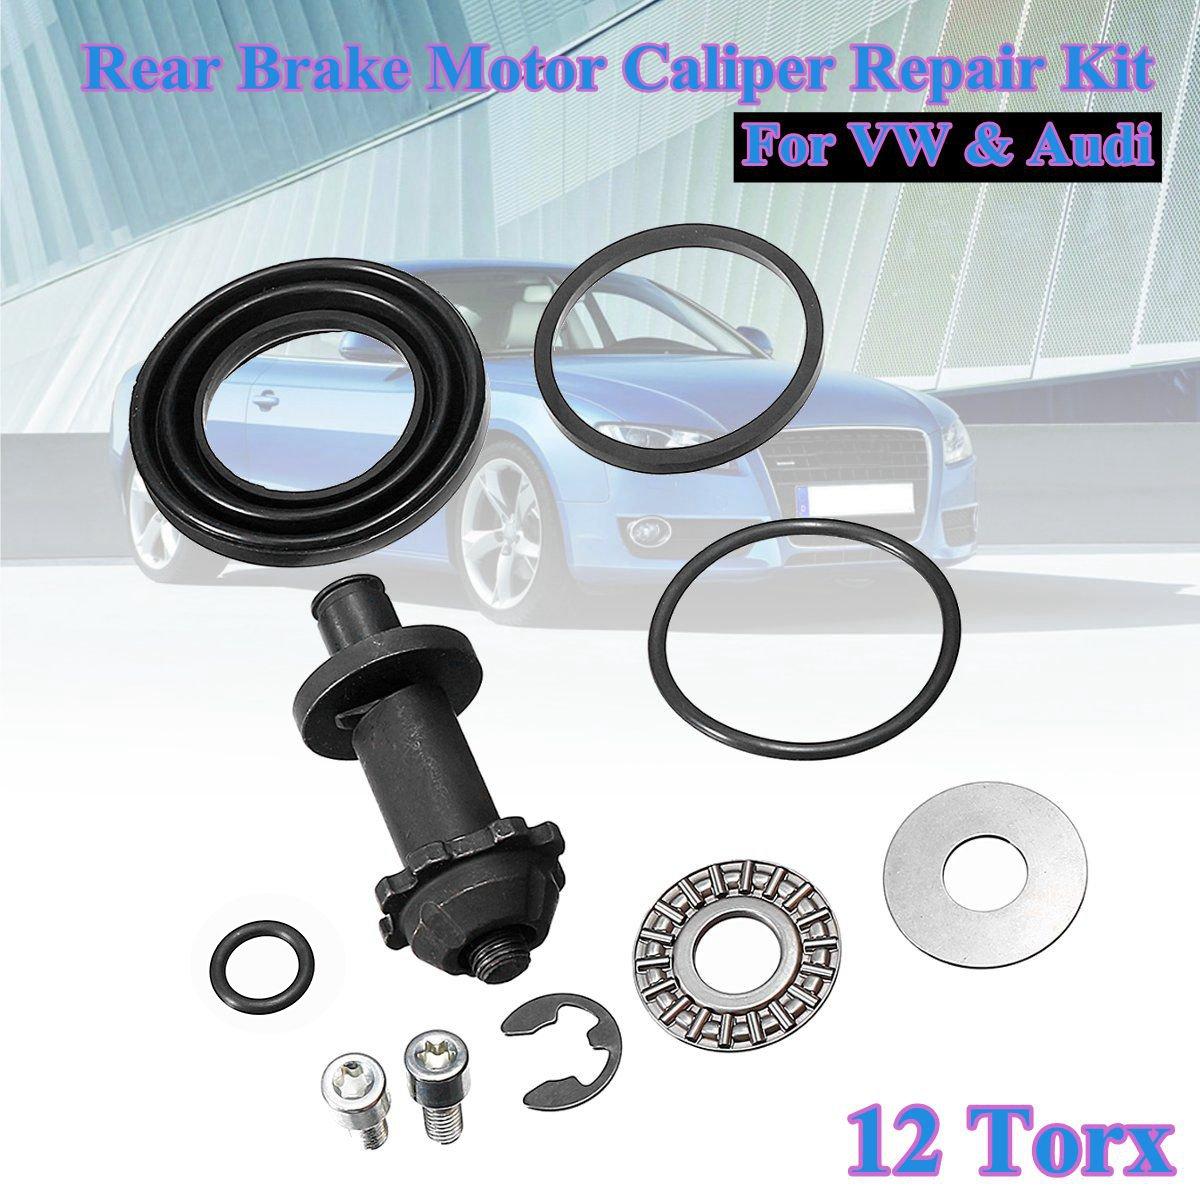 1 Набор 6/12 Torx зубьев заднего ручного тормоза двигателя суппорта Ремонтный комплект для VW для Passat B6 B7 CC Tiguan Q3 A4 S4 A5 S5 A6 32326315